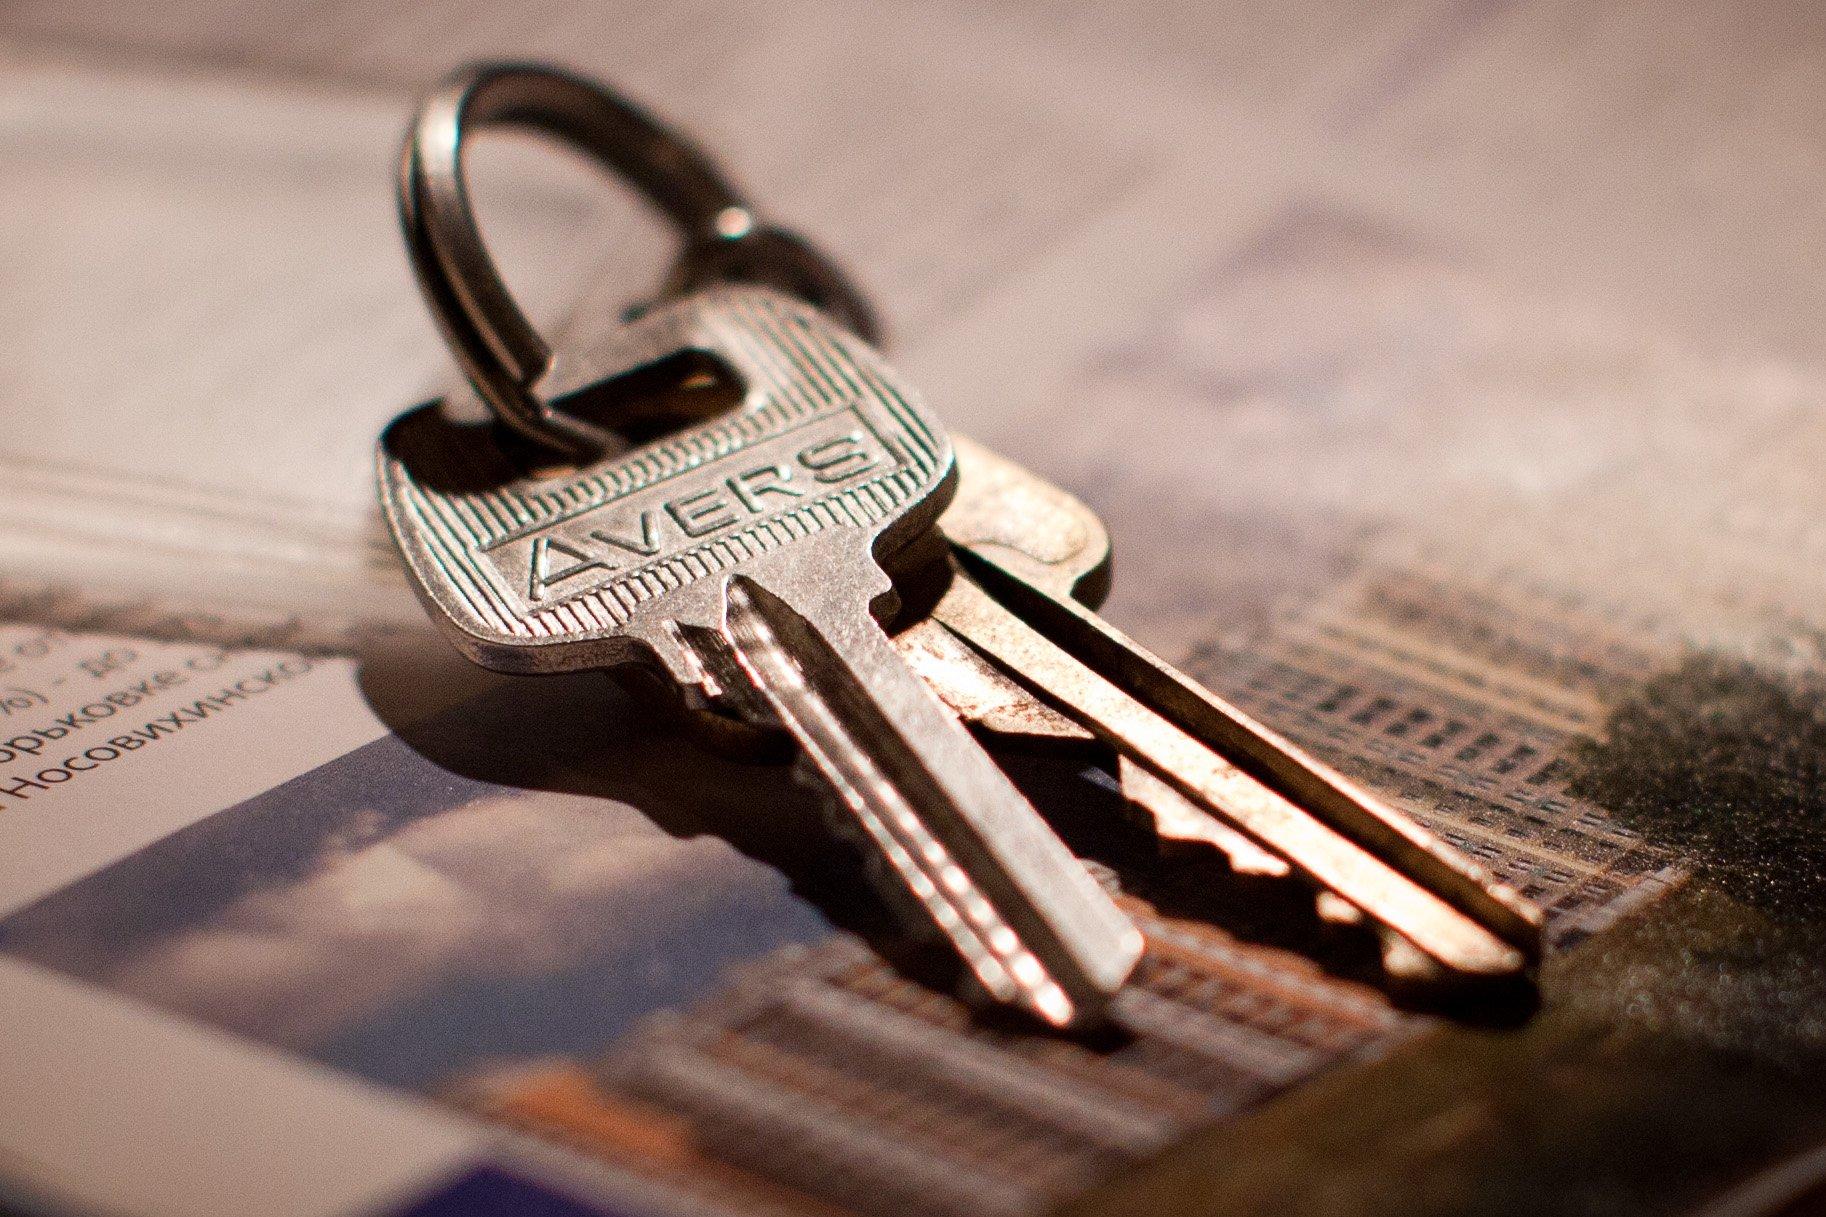 Приватизация без согласия прописанных: одного из жильцов